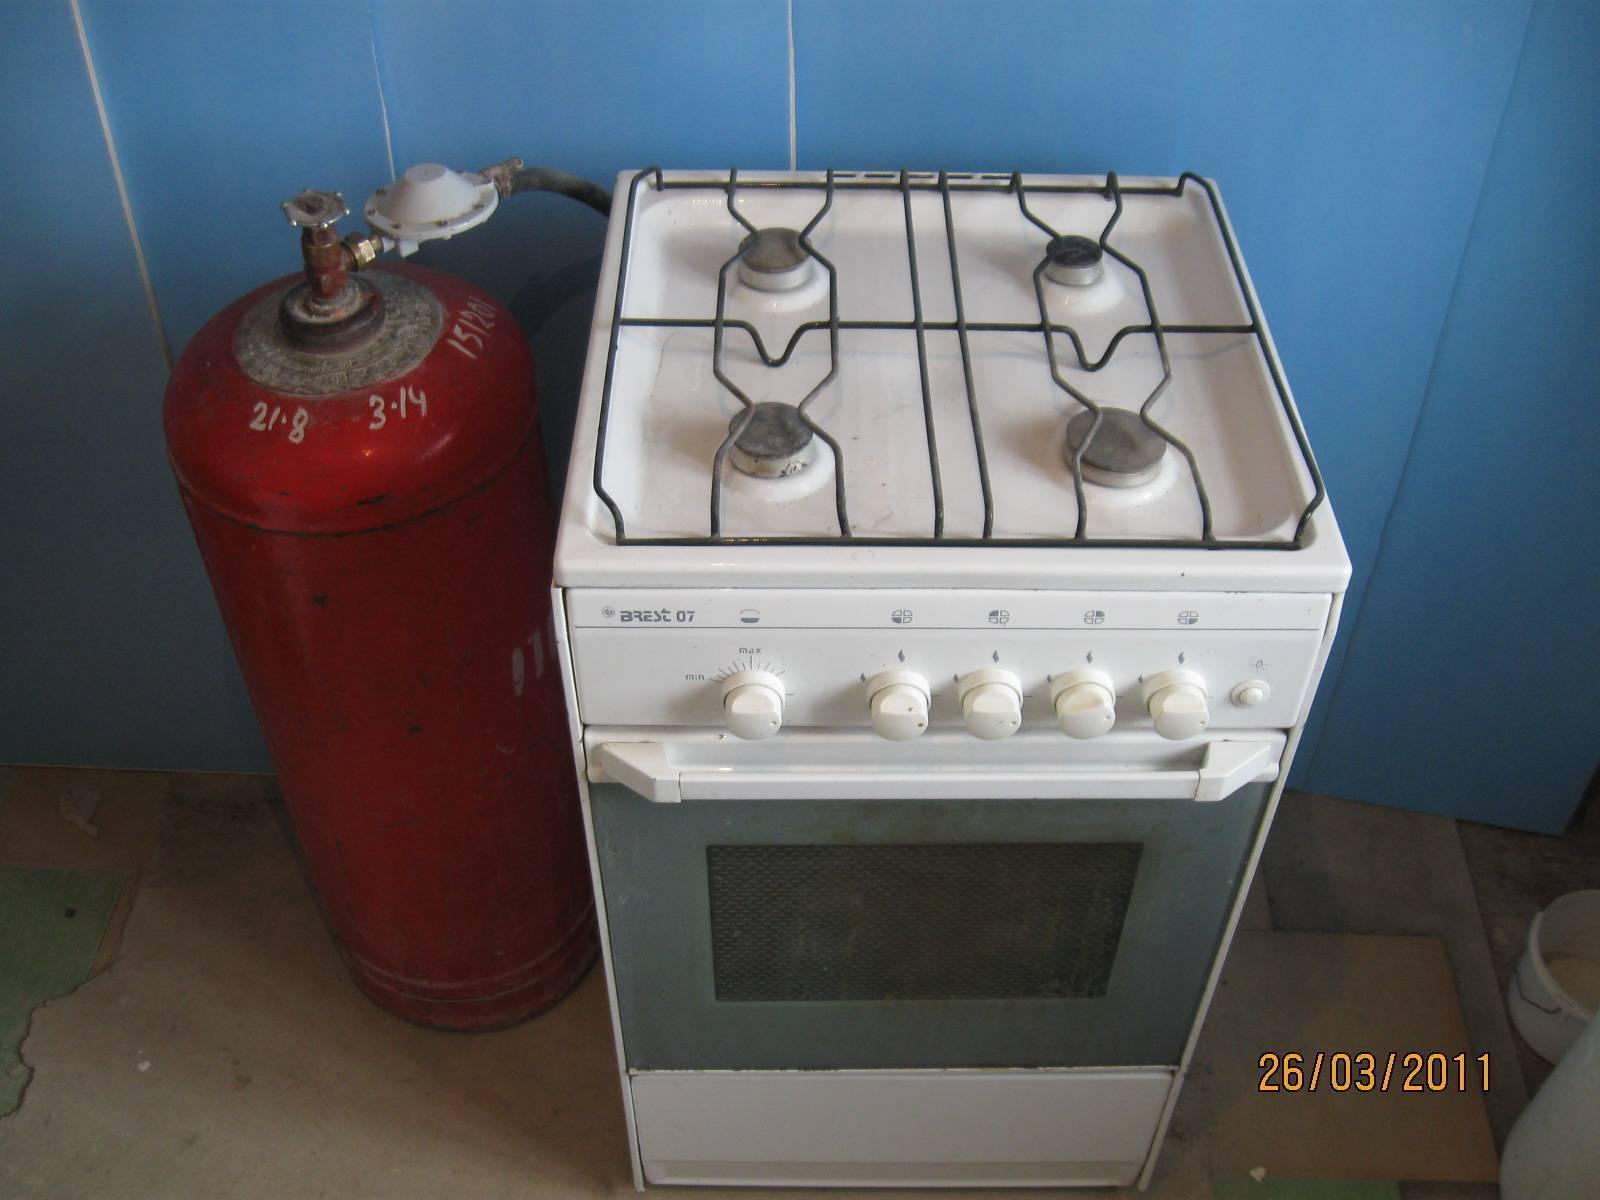 Настольные газовые плиты: мини-модели для магистрального и баллонного газа, компактные 4-конфорочные варианты с духовкой